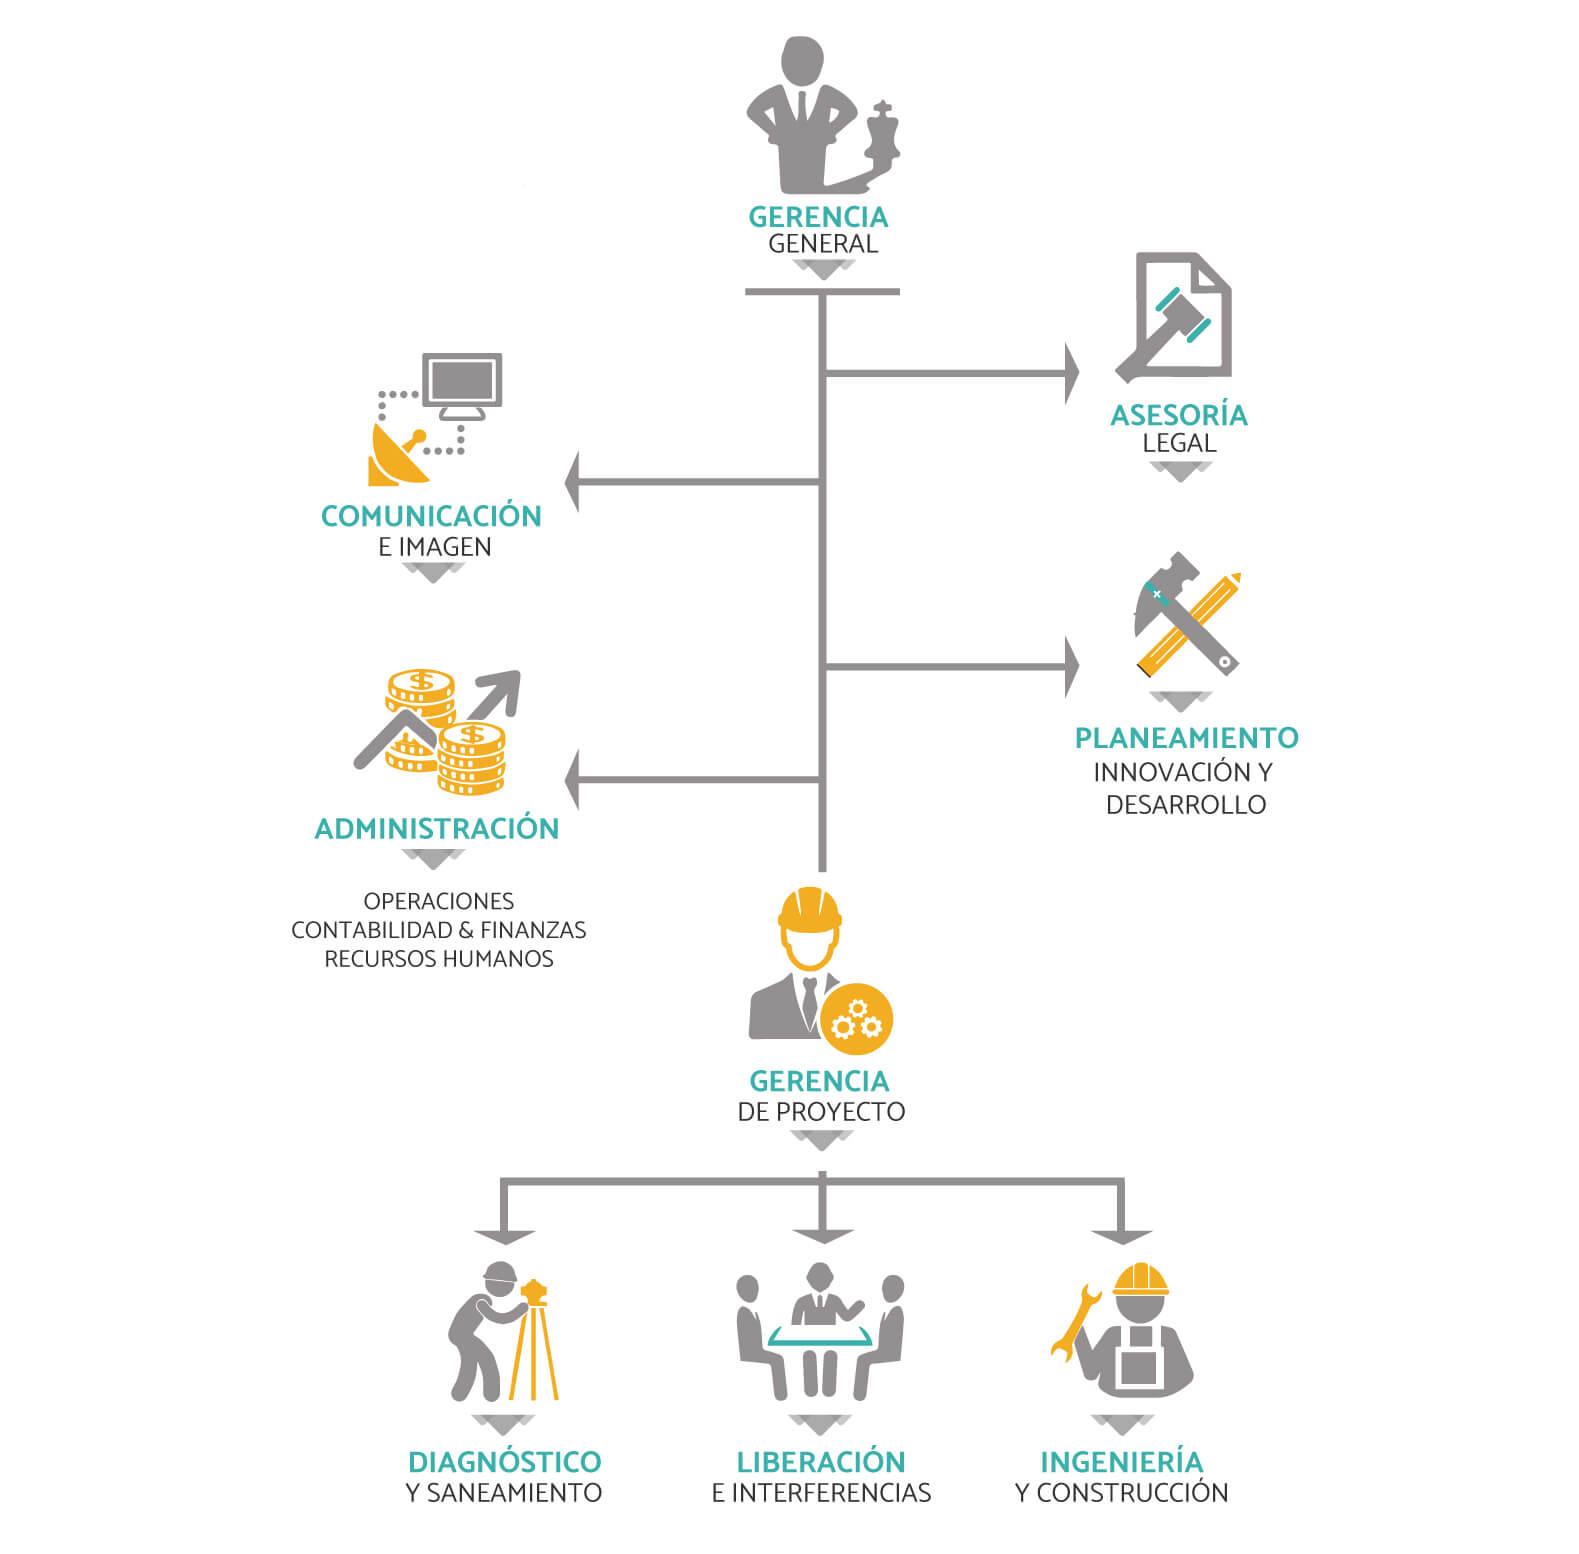 c77c08ce113 Ingconsa SAC, para el óptimo despliegue de sus procesos, cuenta con un  diseño organizacional mixto, donde combina las bondades de una organización  ...